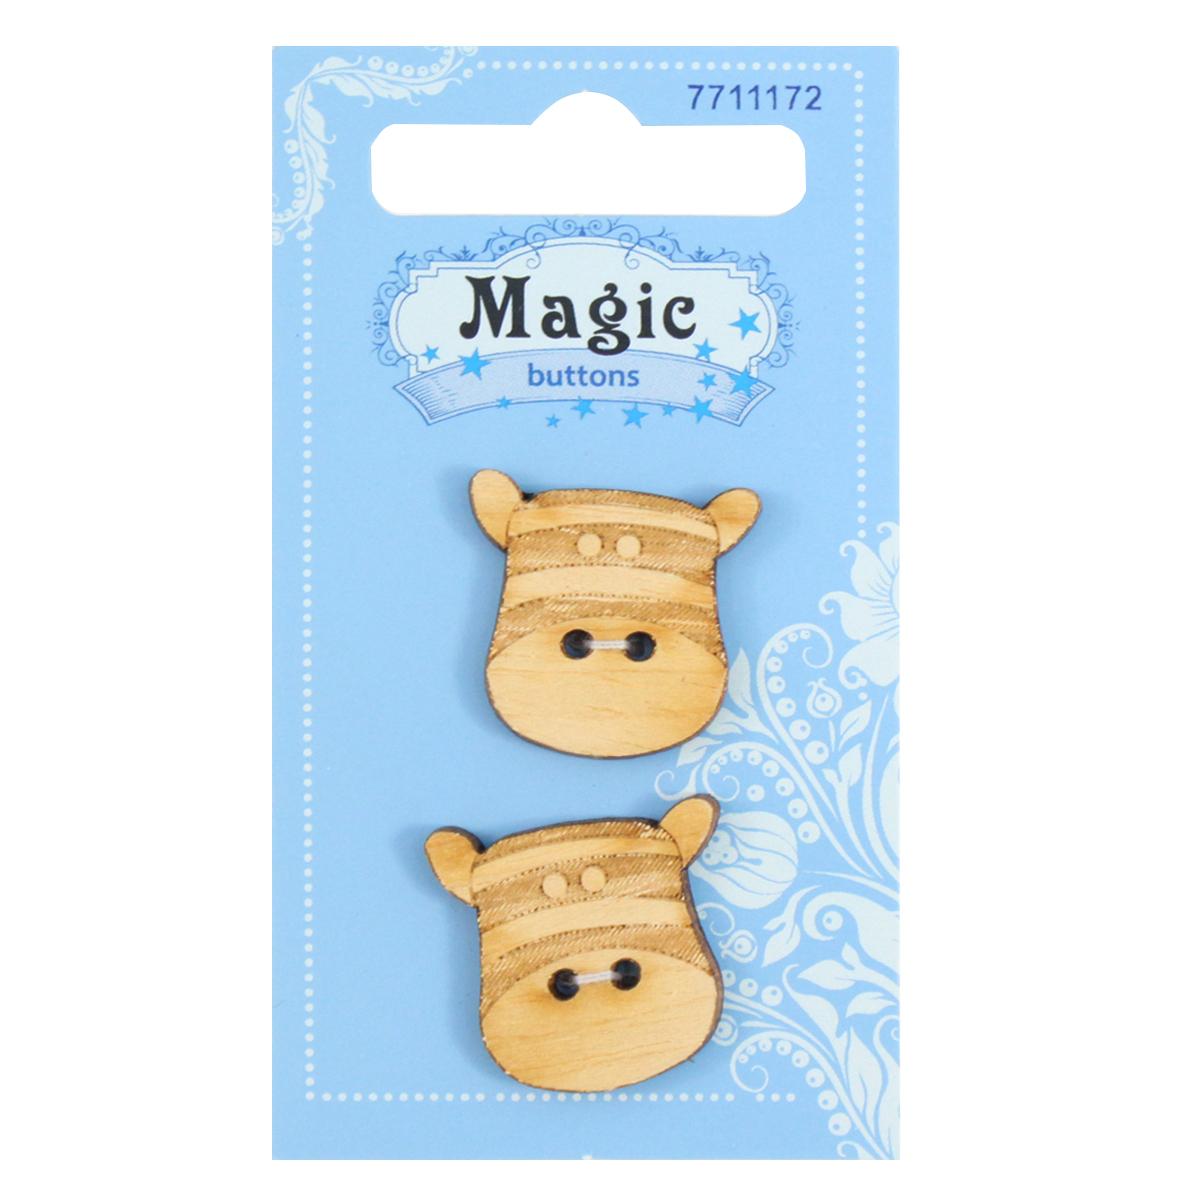 Пуговицы декоративные Magic Buttons Зебра, 2 шт7711172Пуговицы бренда Magic Buttons восхищают разнообразием стилей. Они станут отличным дополнением в качестве завершающего штриха на одежде, кроме того их можно использовать в скрапбукинге, создавать с помощью них интересные открытки, подарочные конверты и многое, многое другое.